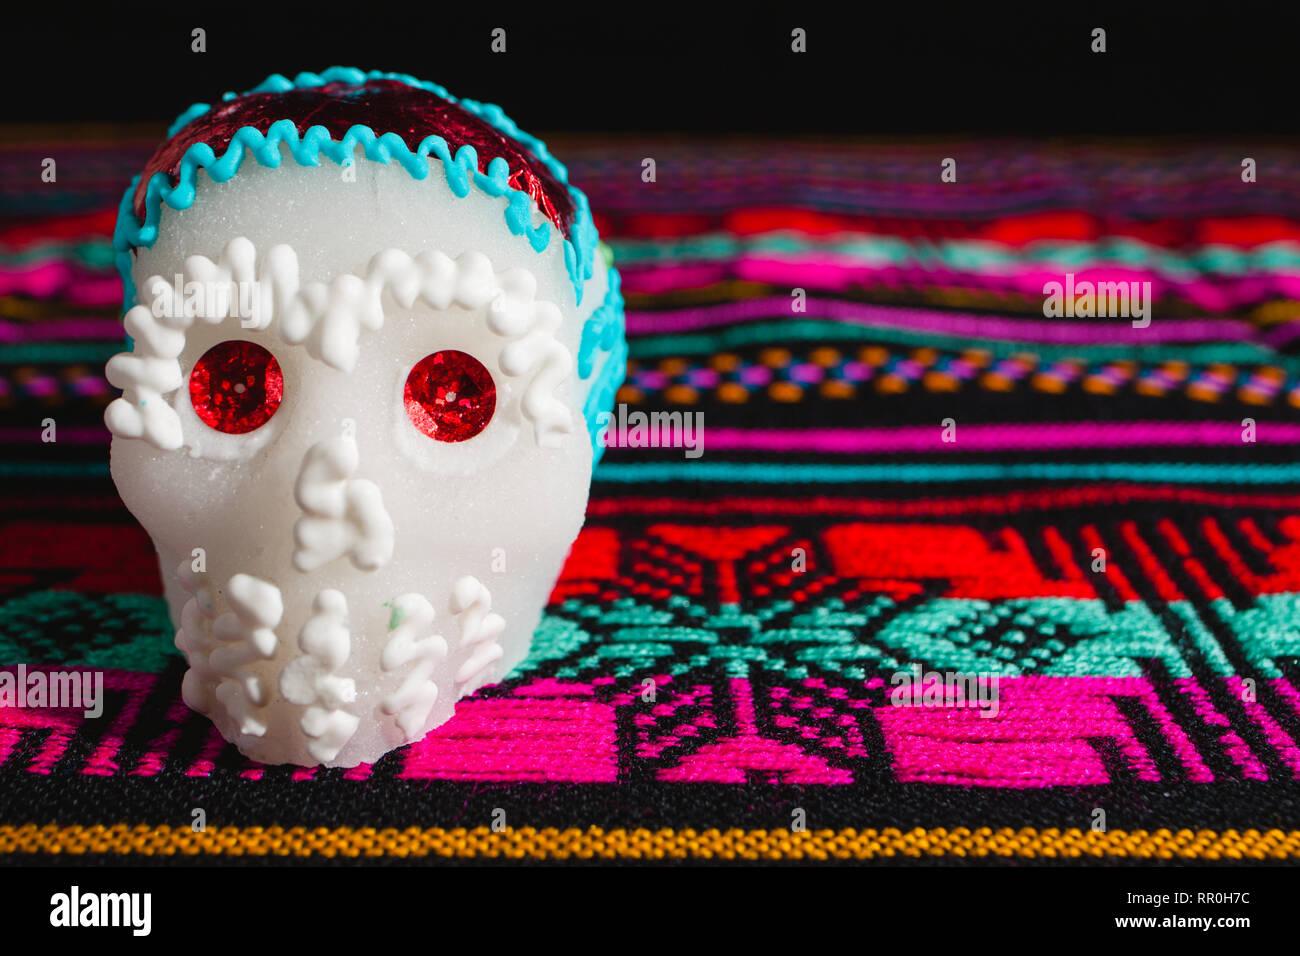 sugar skulls used for 'dia de los muertos' celebration in mexico - Stock Image